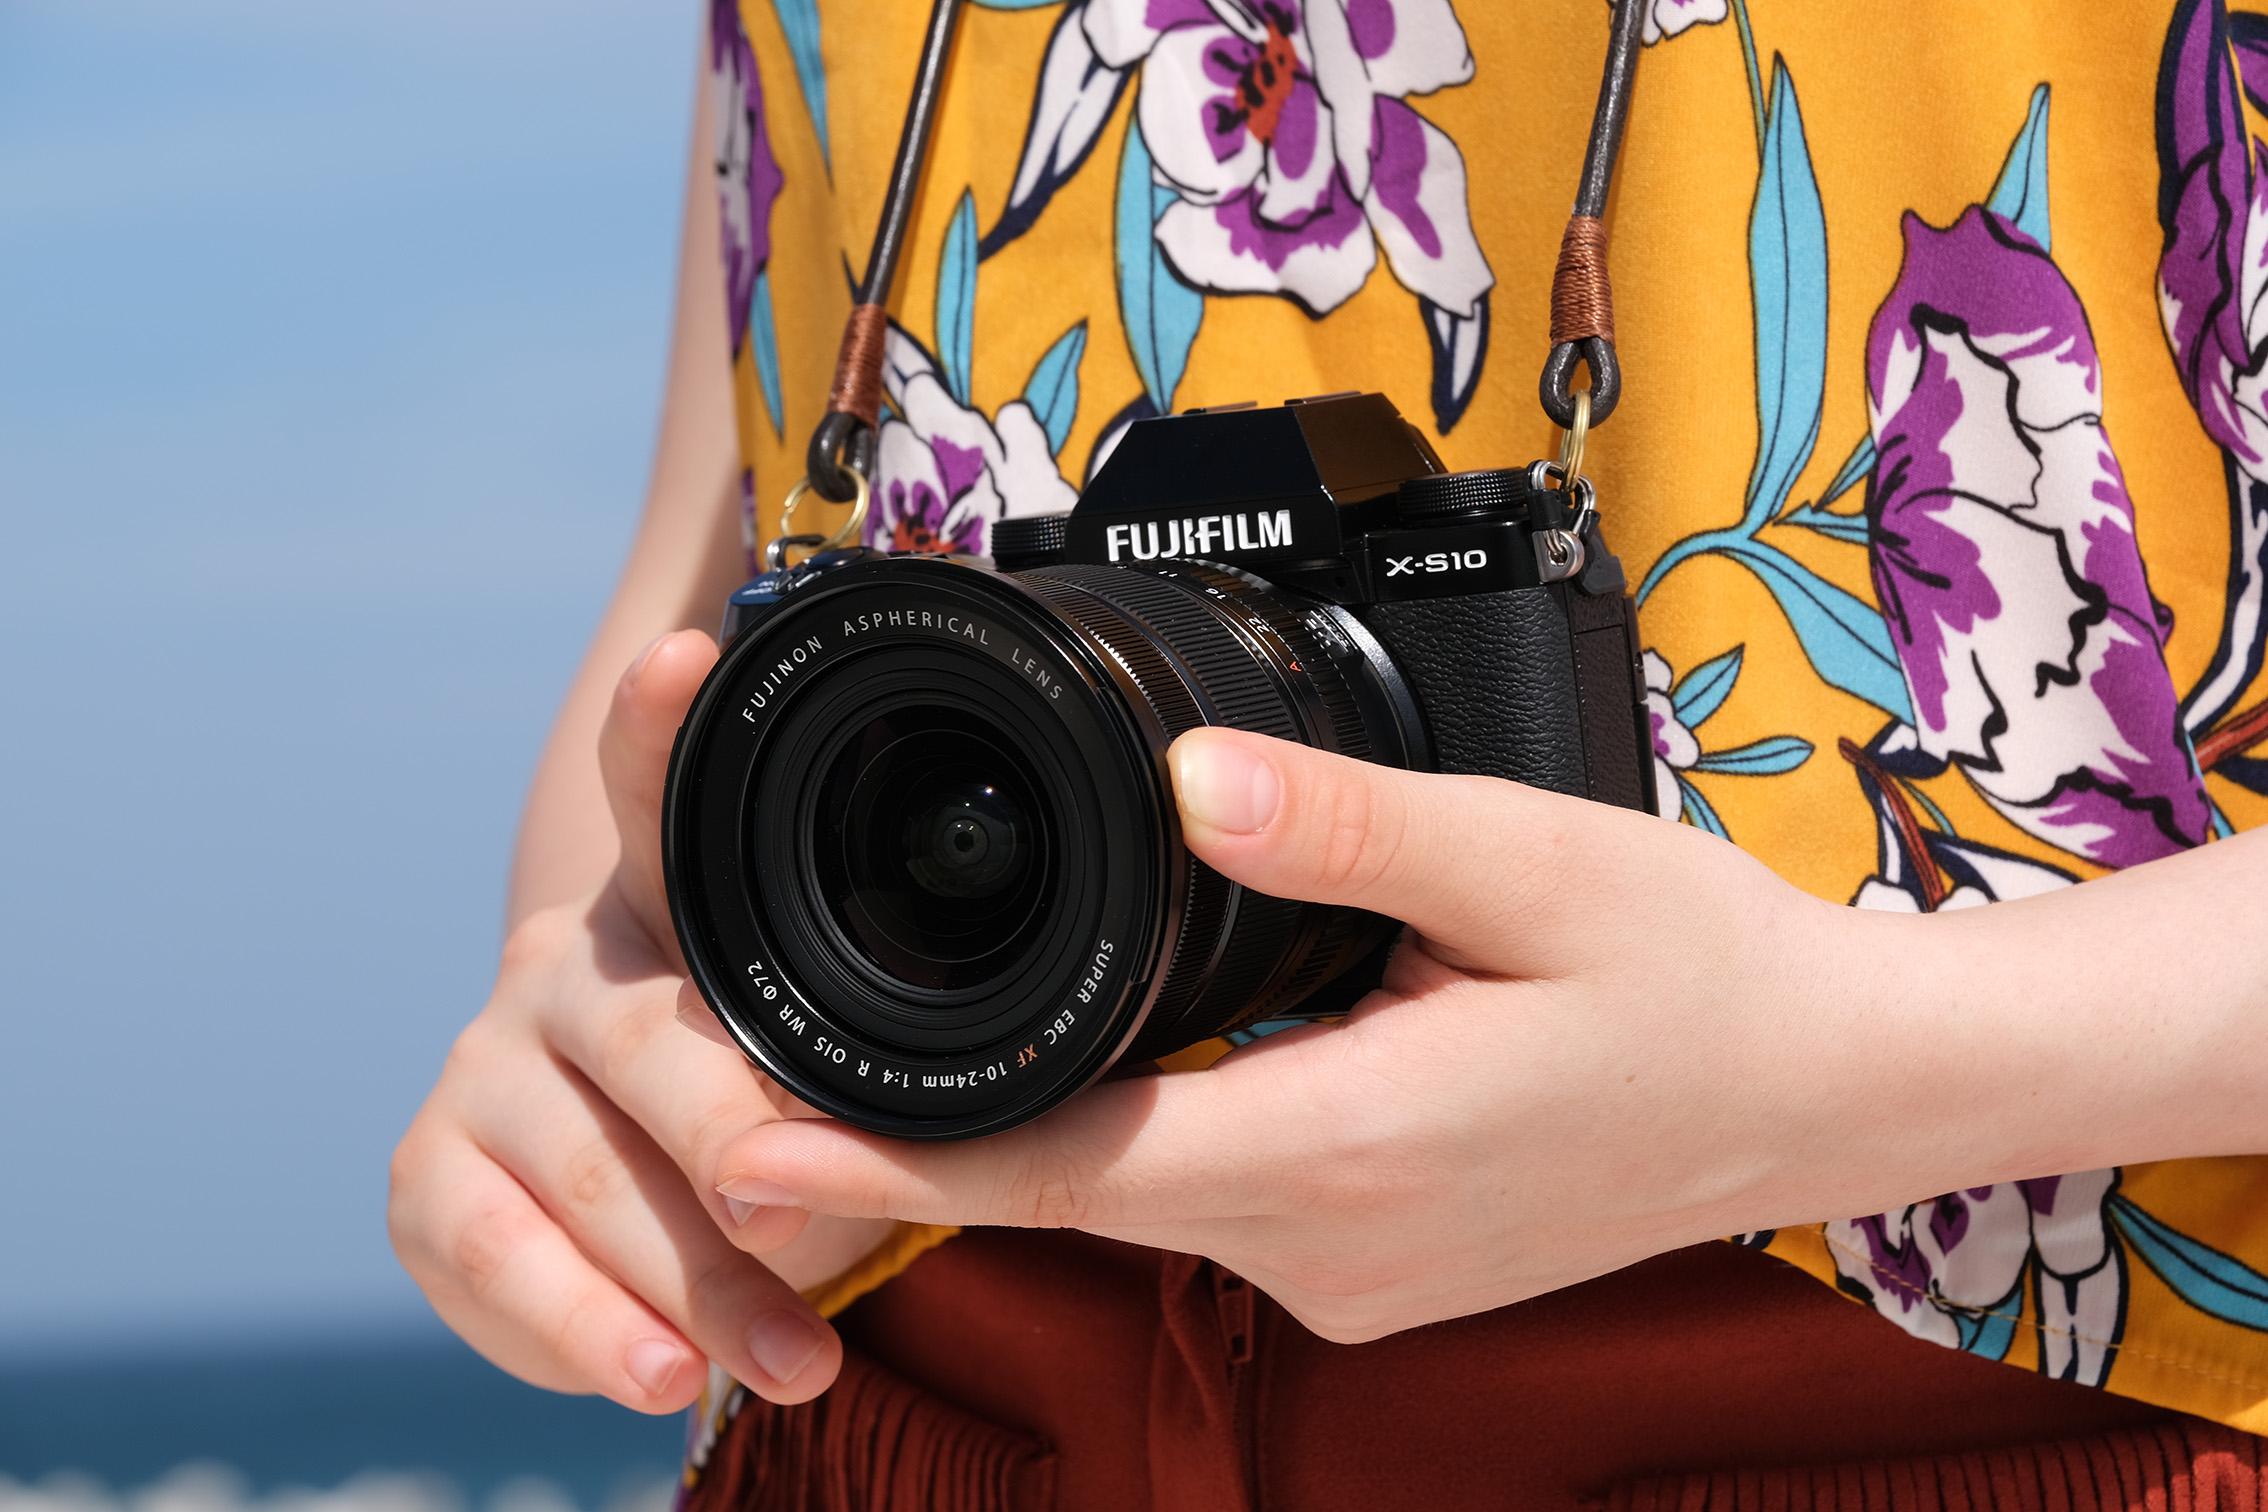 Die Fujifilm X-S10 ist ab Ende November 2020 nur als Gehäuse oder im Kit mit verschiedenen Objektiven im Handel erhältlich. (c) Fujifilm